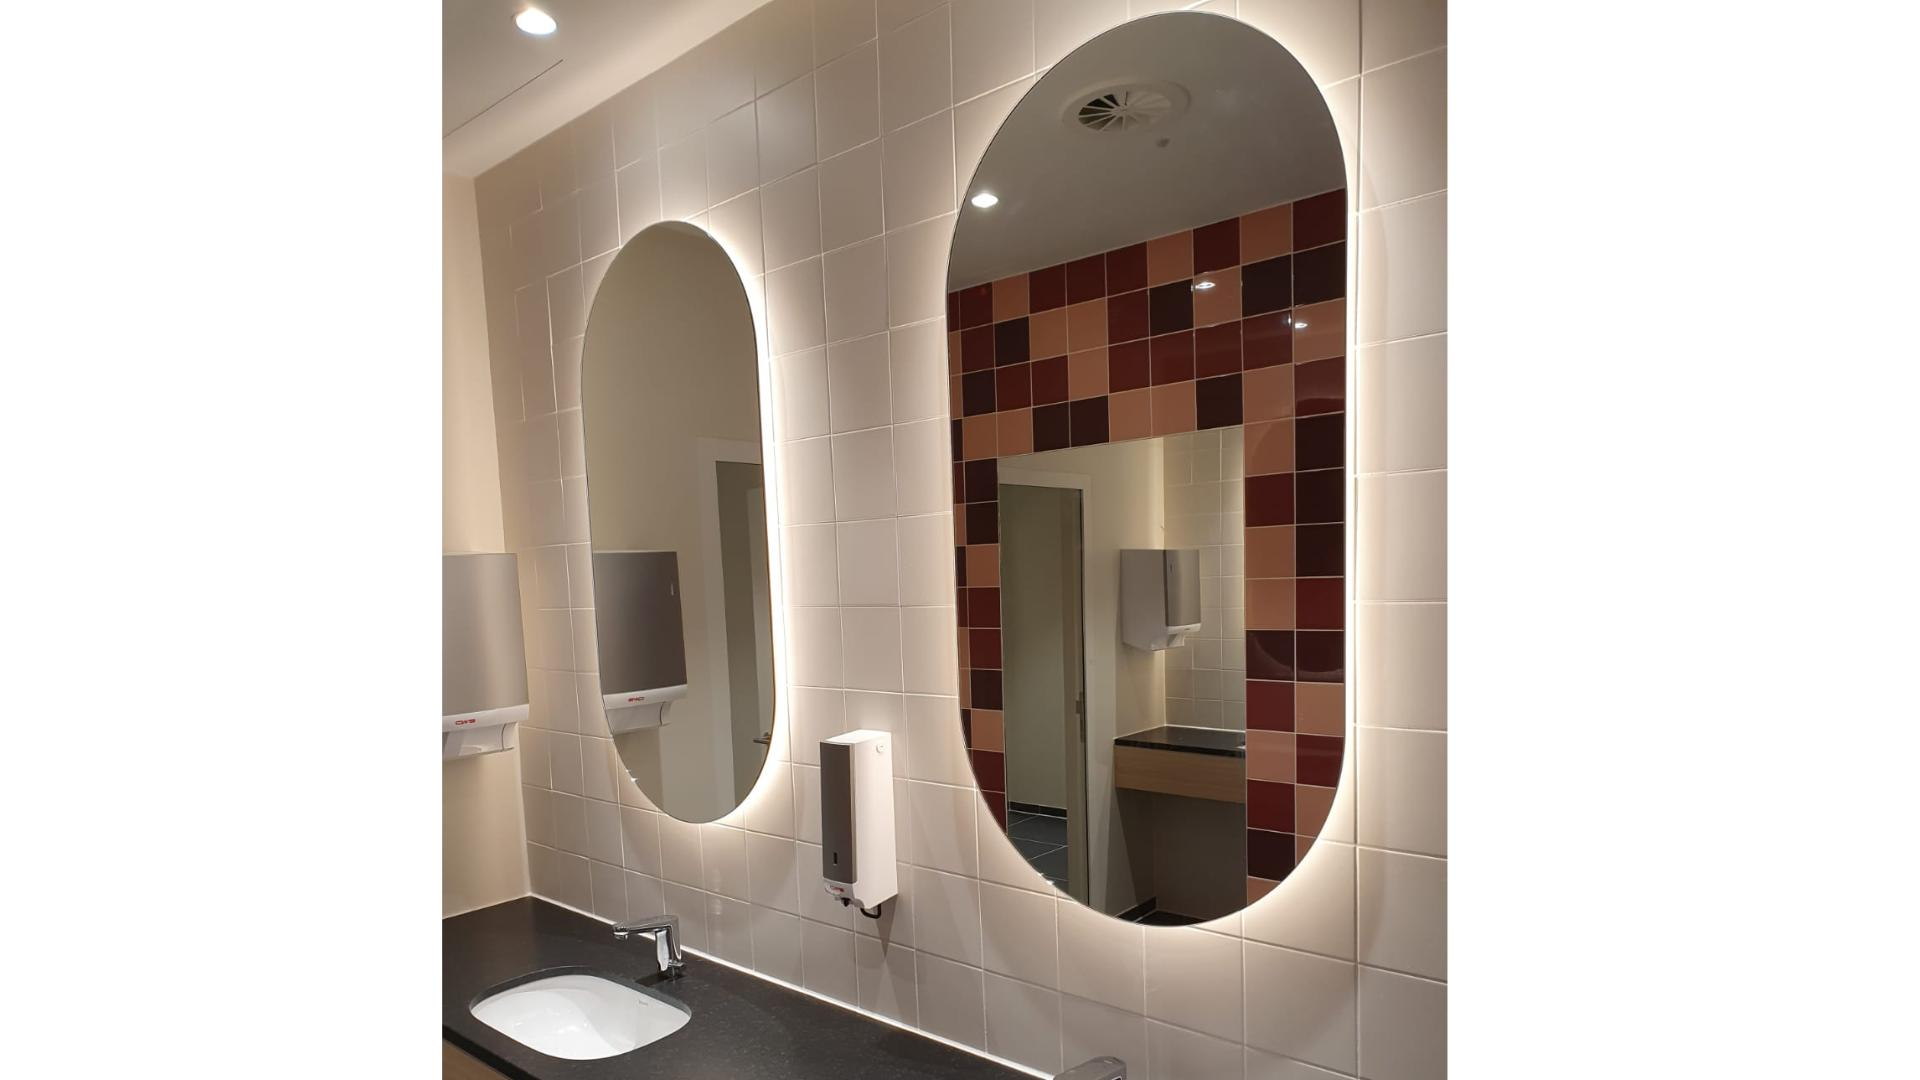 Zwei Spiegel über einem Waschtisch im Hotel Marta